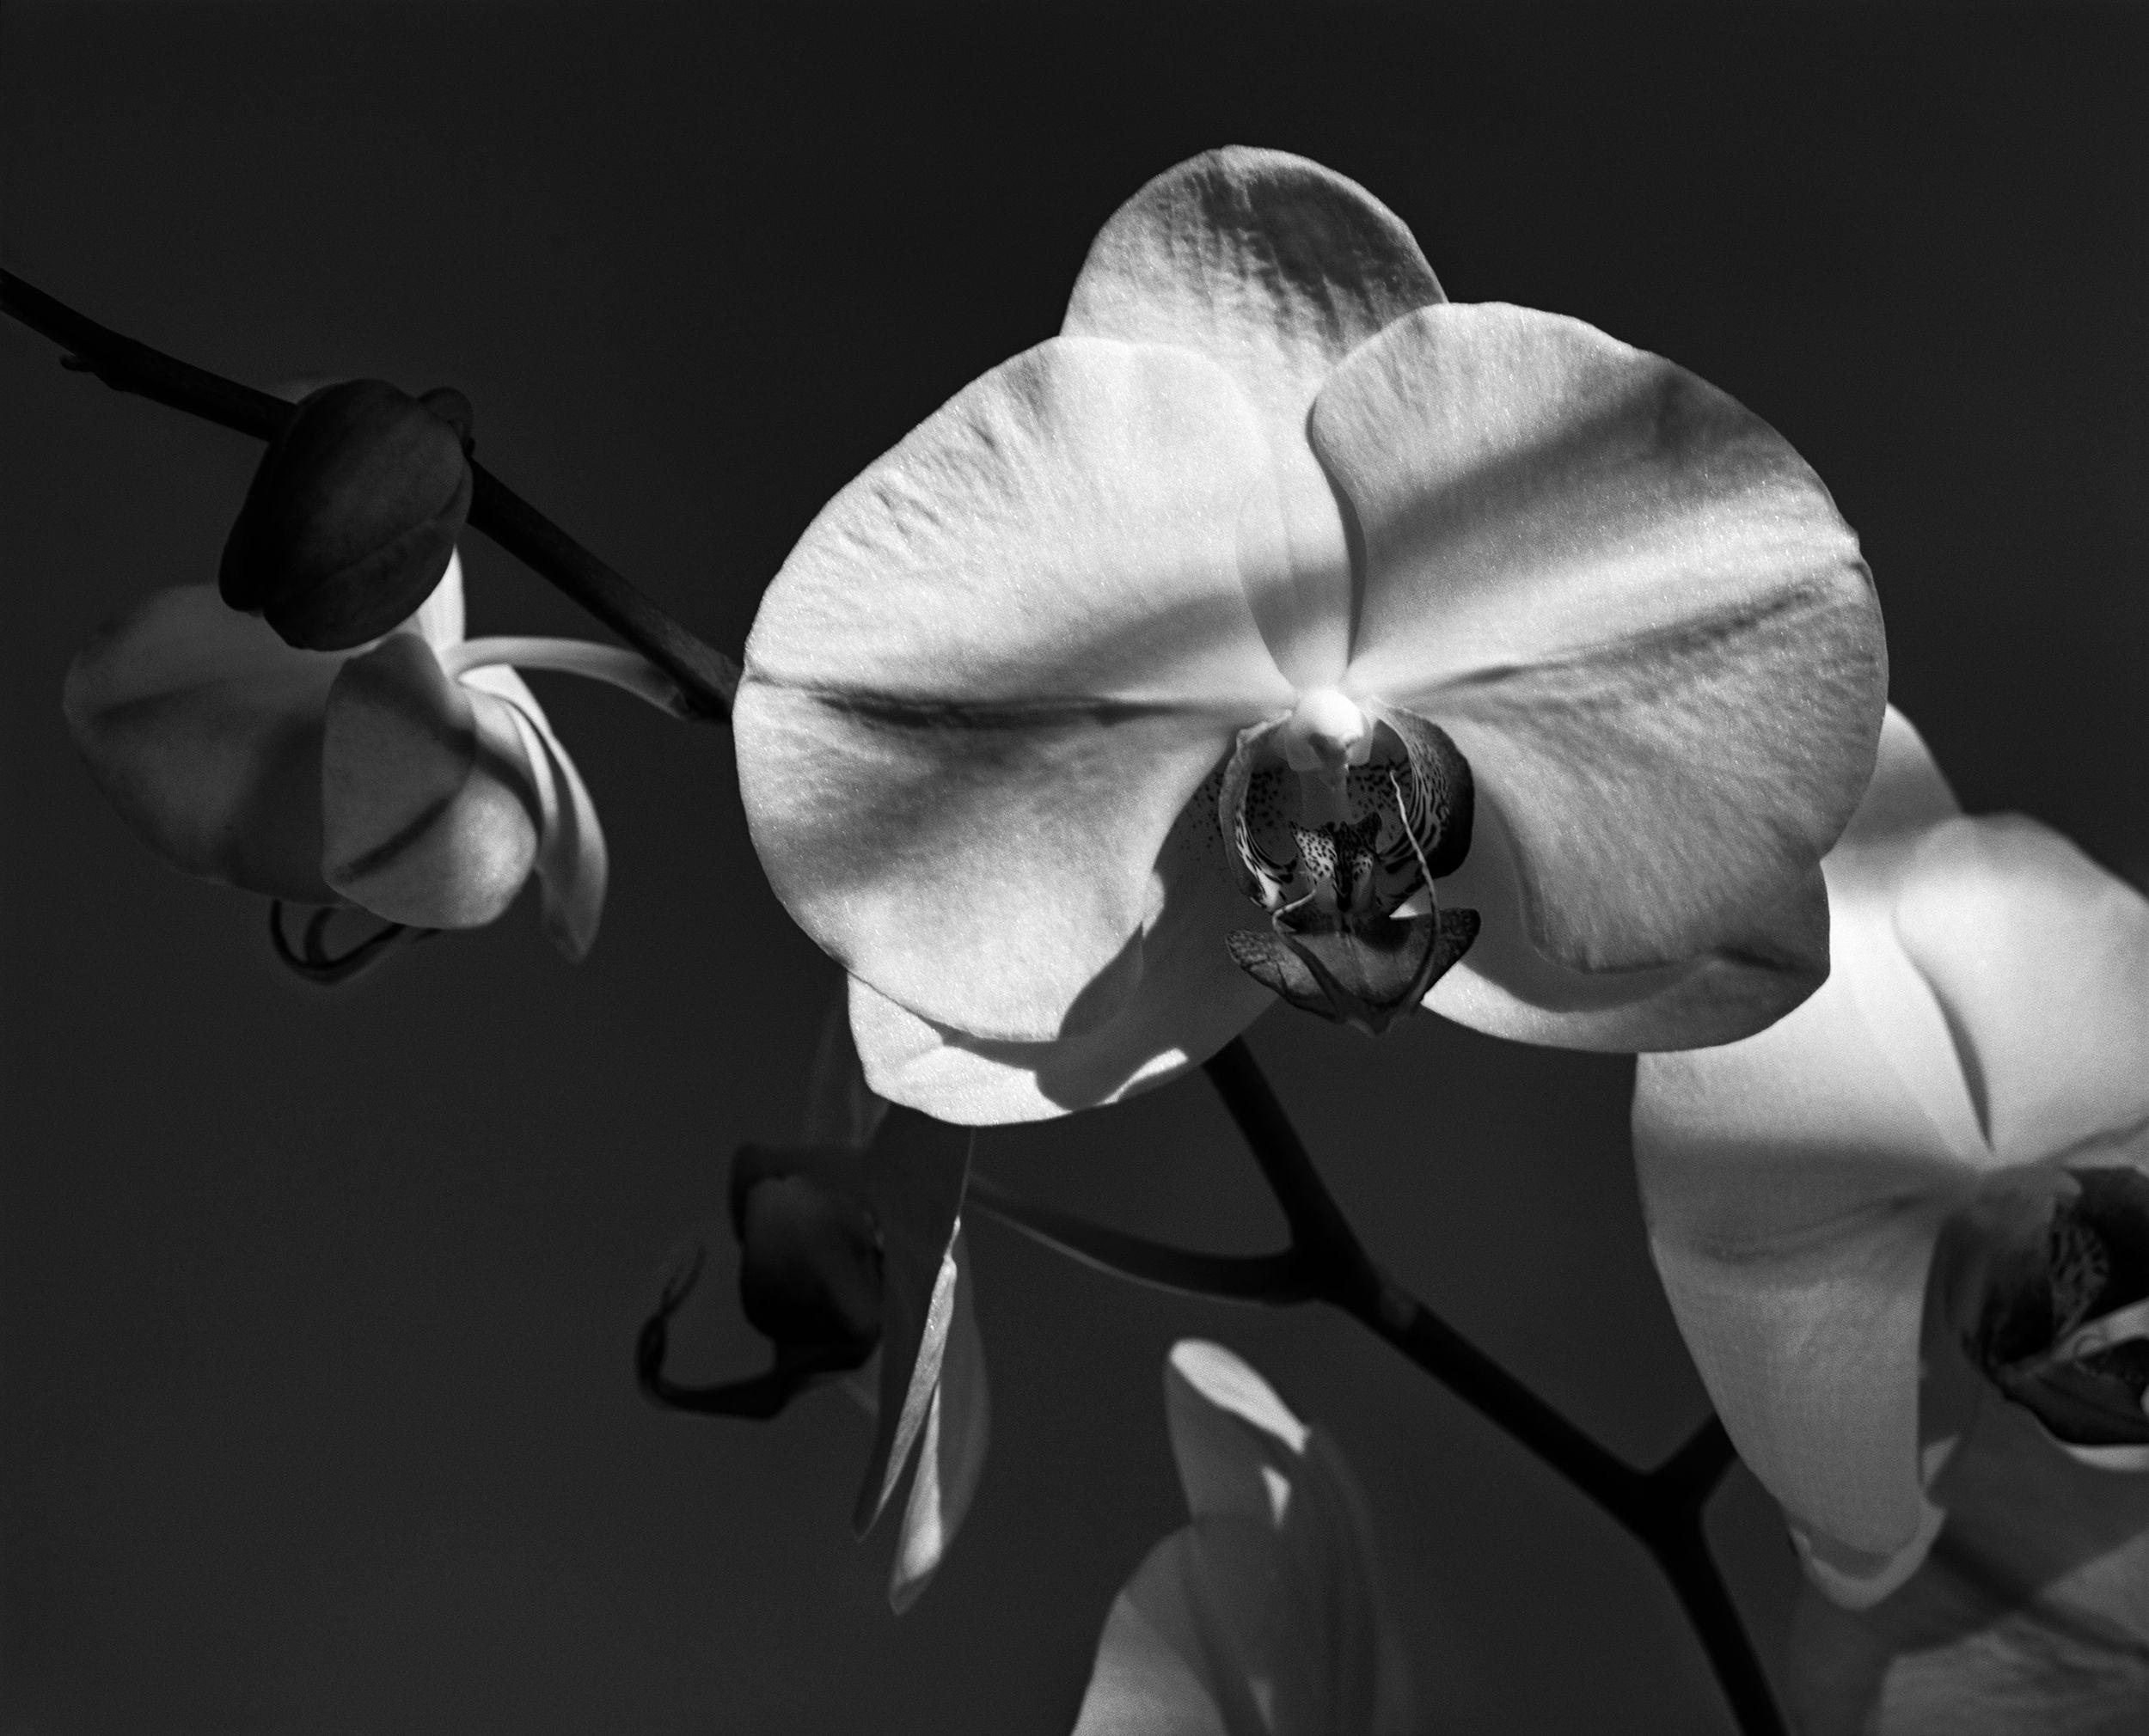 JK_Orchid_FR12_2_F3_flat_f3_Small2.jpg